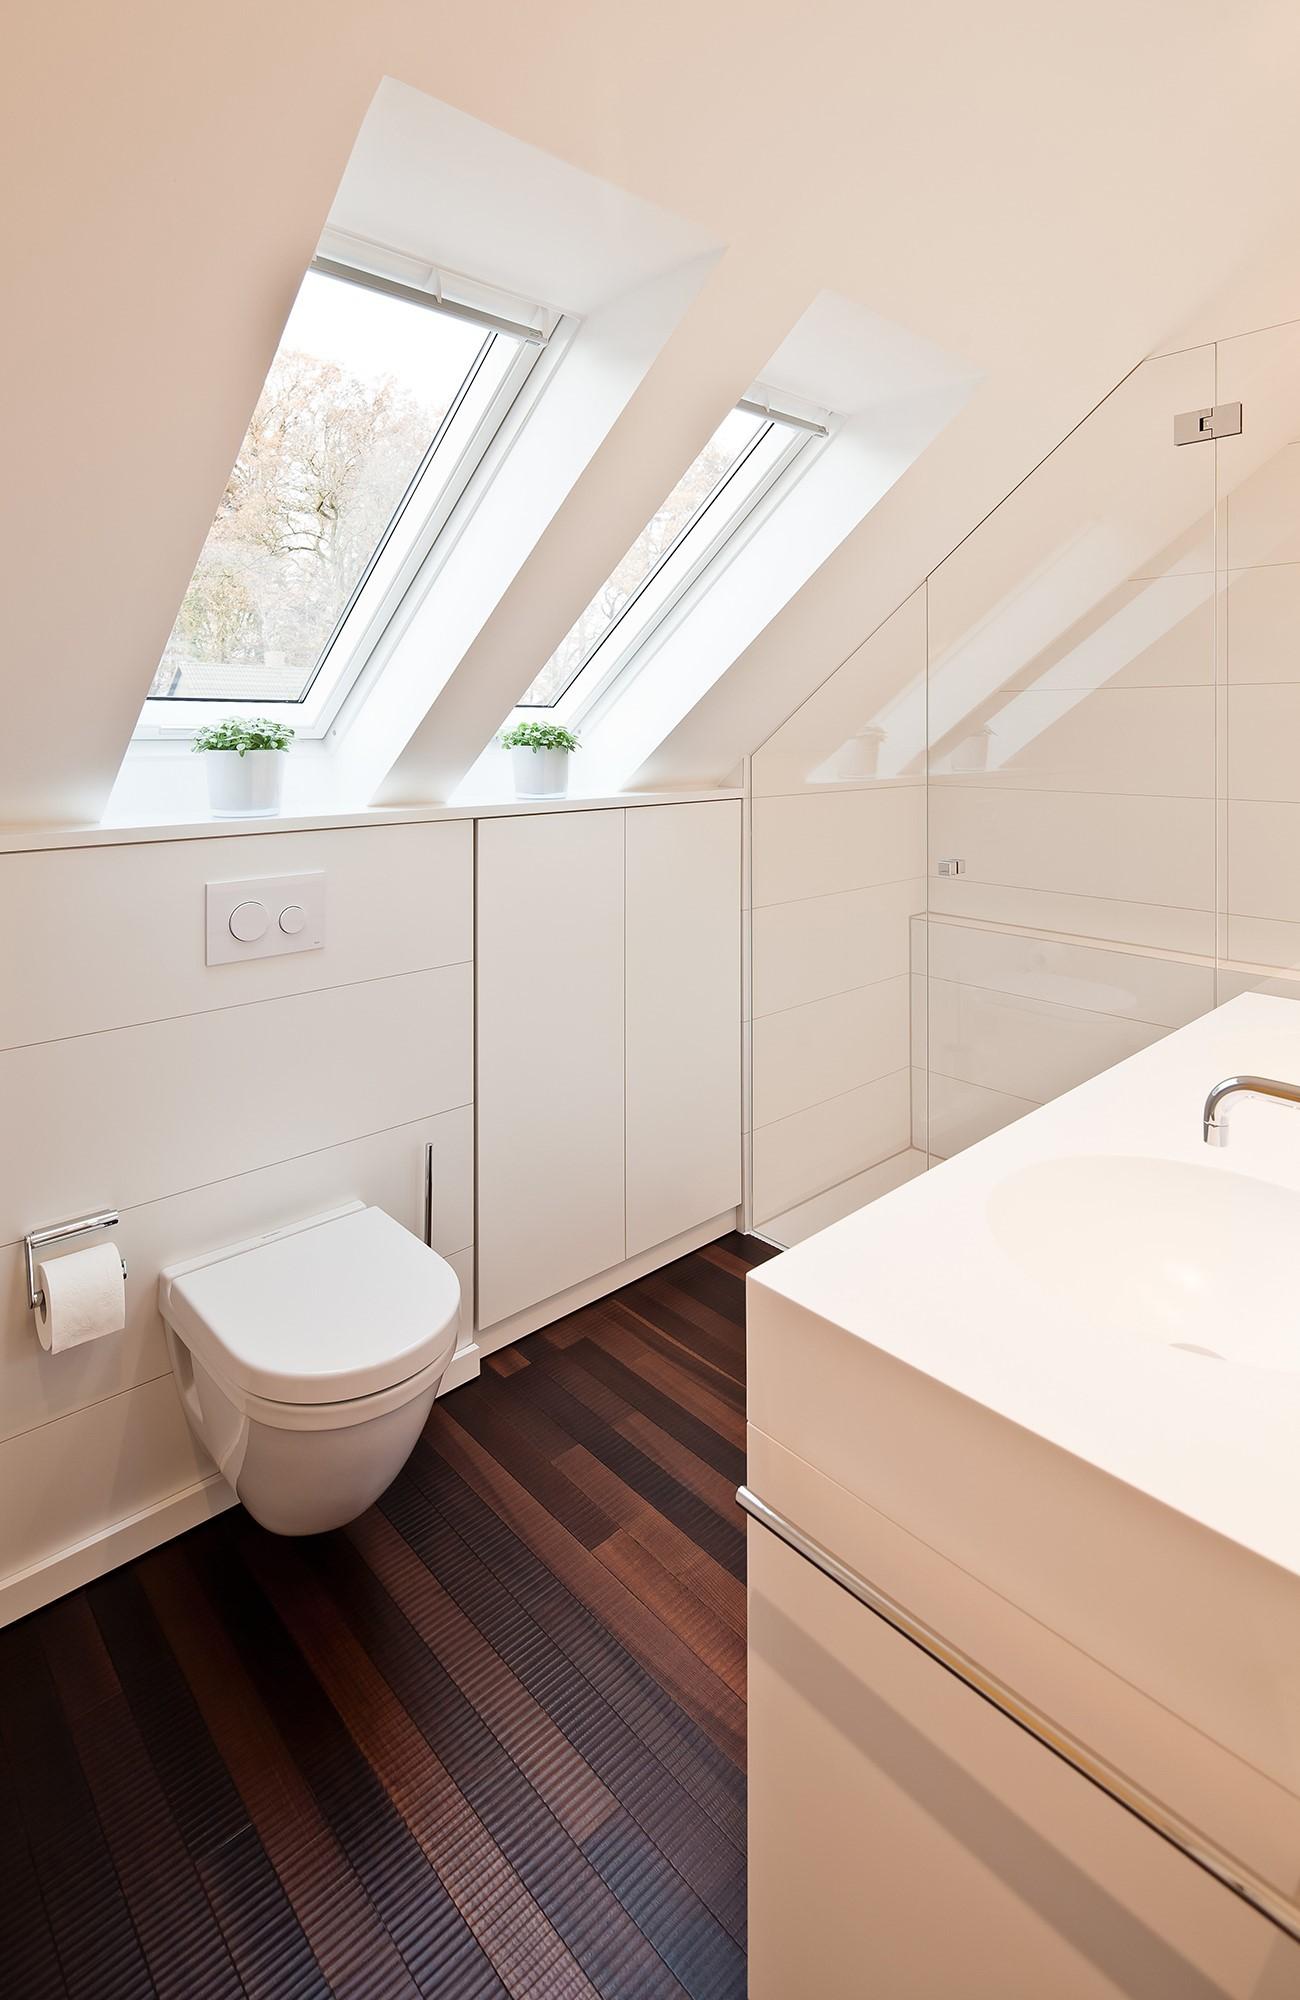 badezimmer mit schr ge renovieren raumfabrik. Black Bedroom Furniture Sets. Home Design Ideas